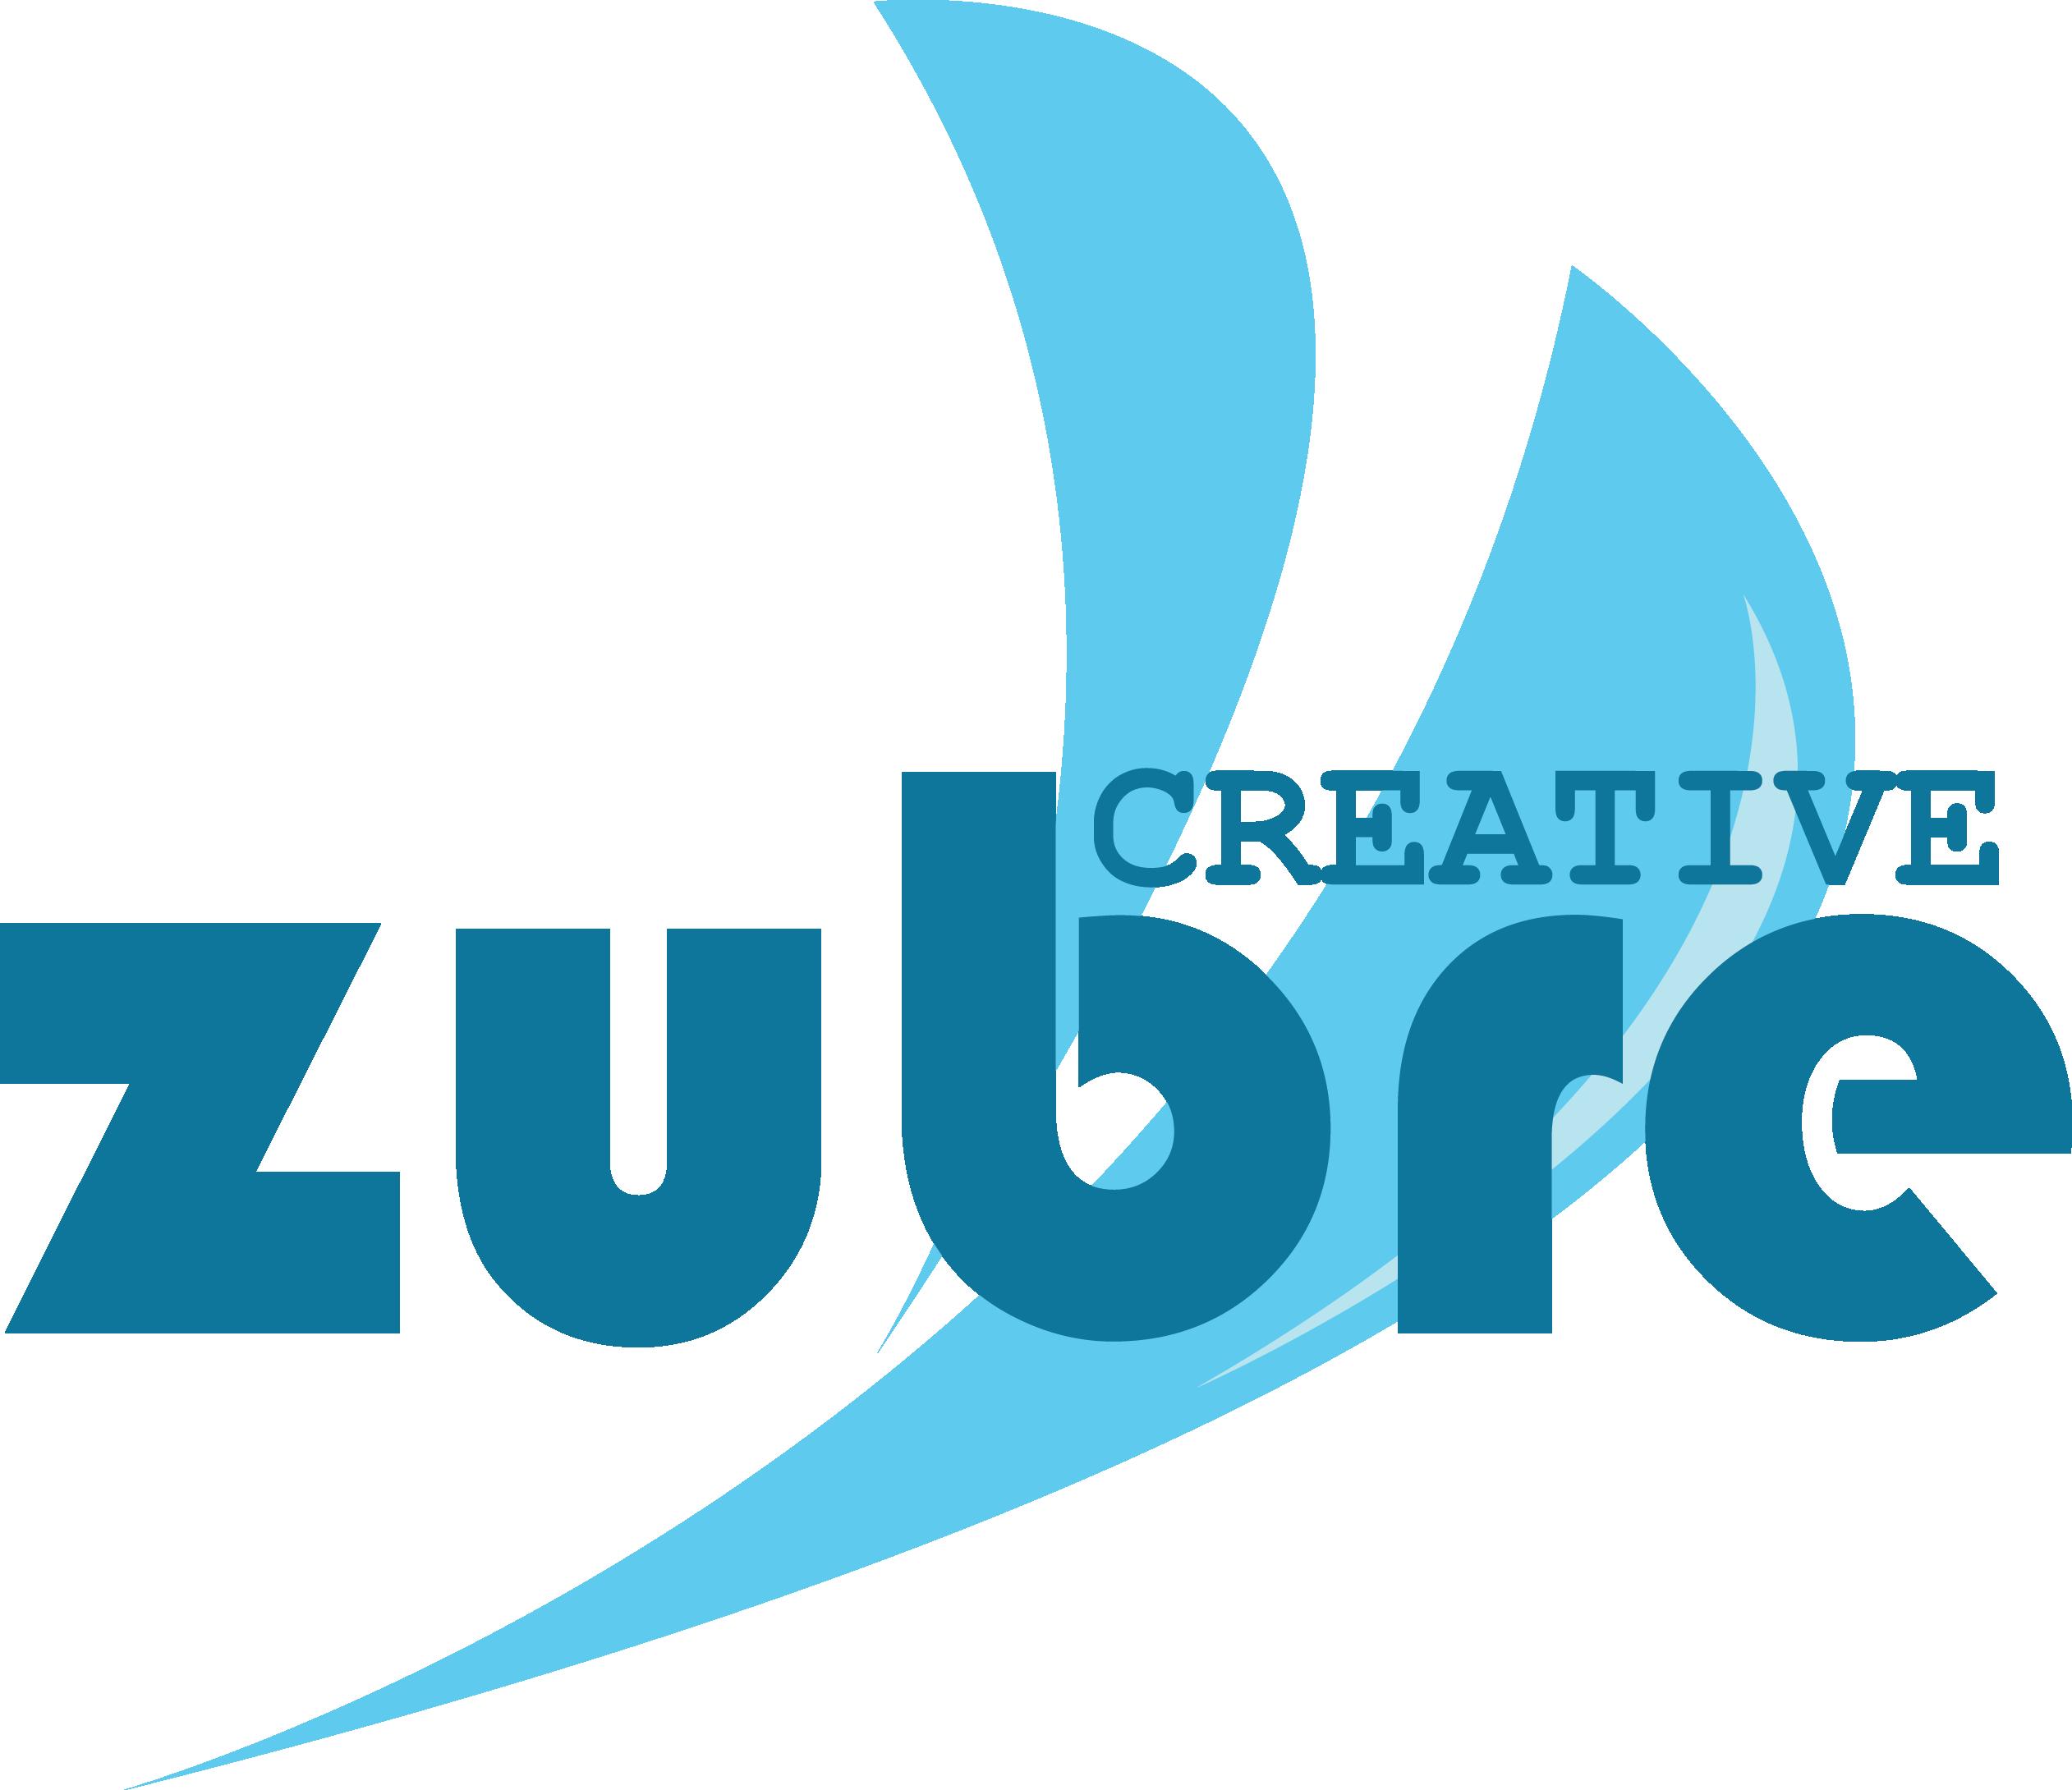 Zubre Creative